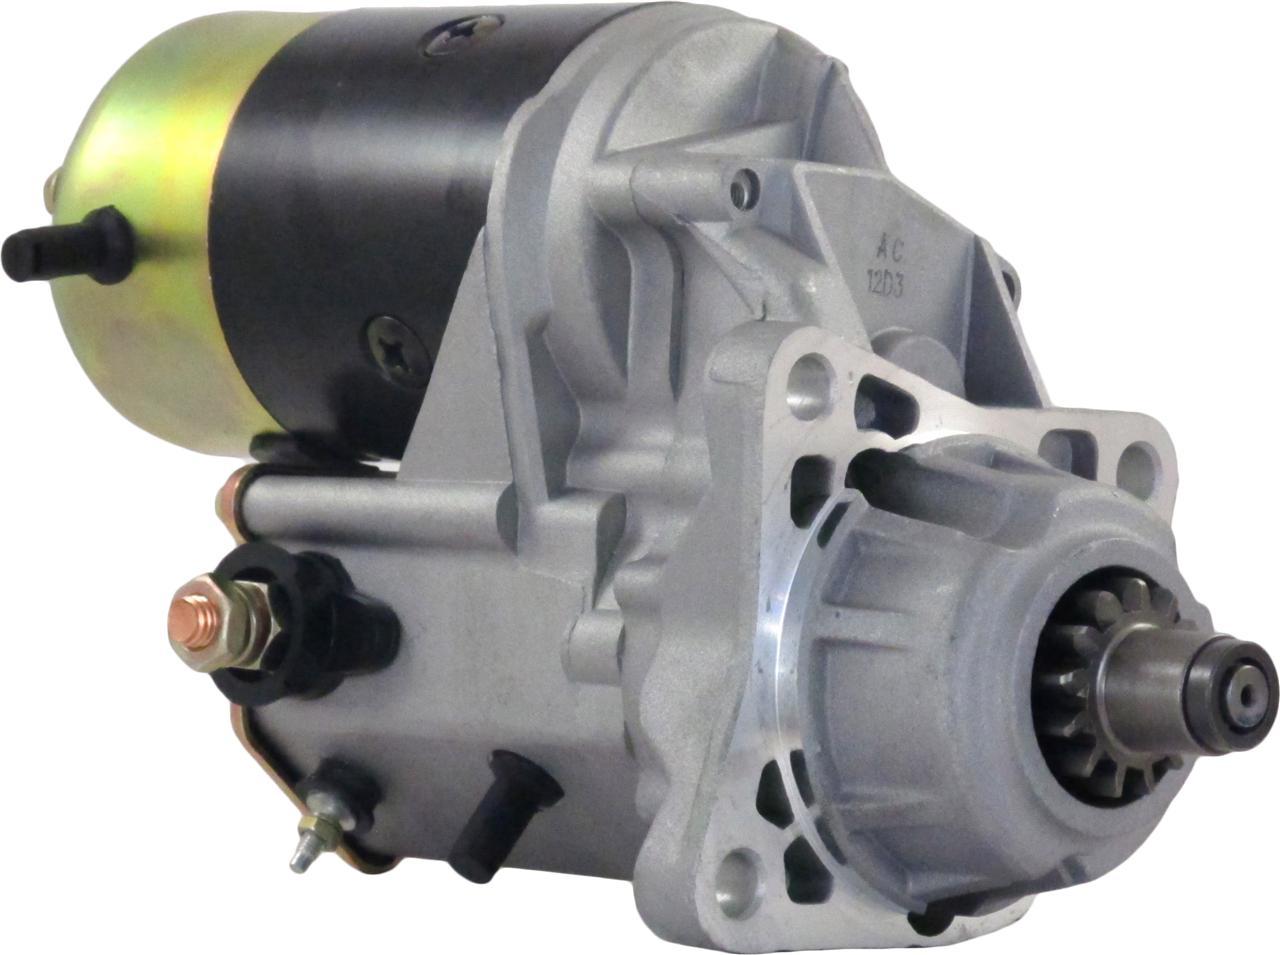 New Starter Motor 94 95 96 97 98 99 00 01 Dodge RAM Truck Pickup 5 9 L6 Diesel